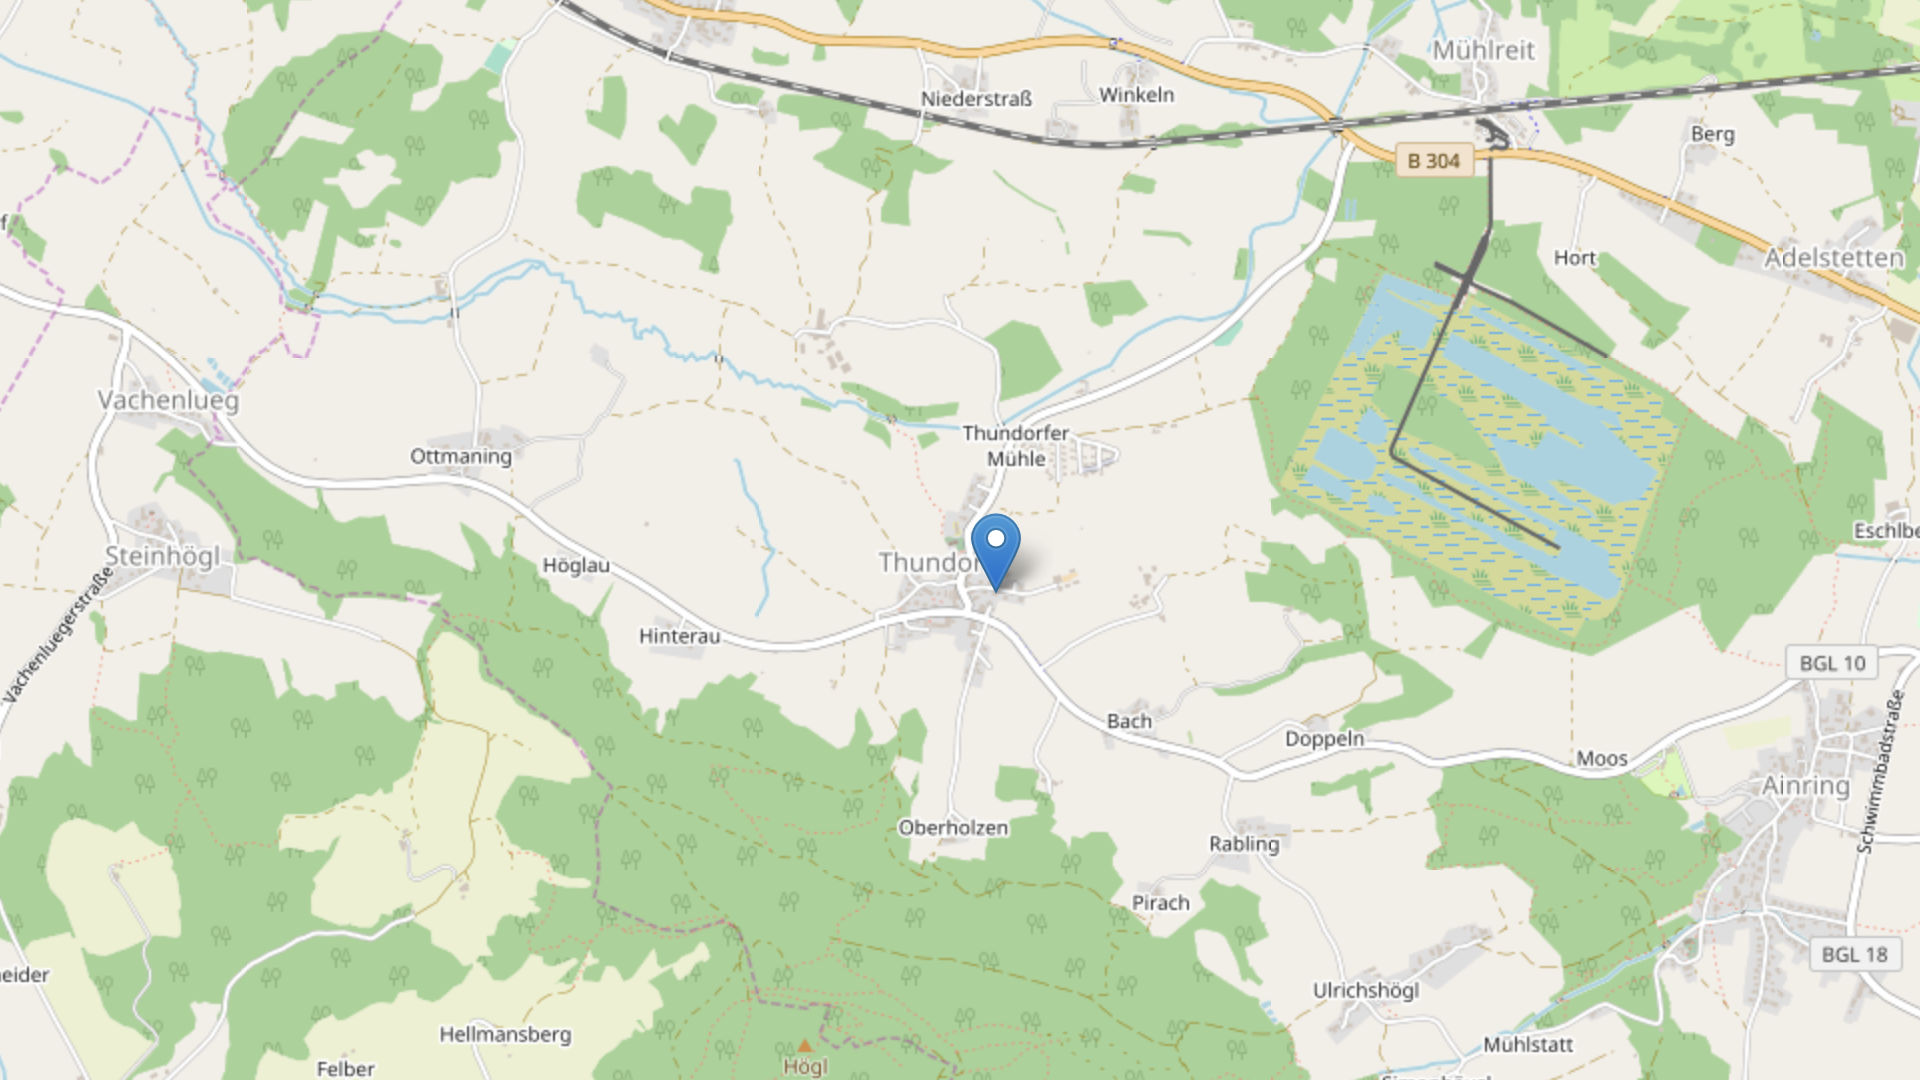 Kartenausschnitt Openstreetmap